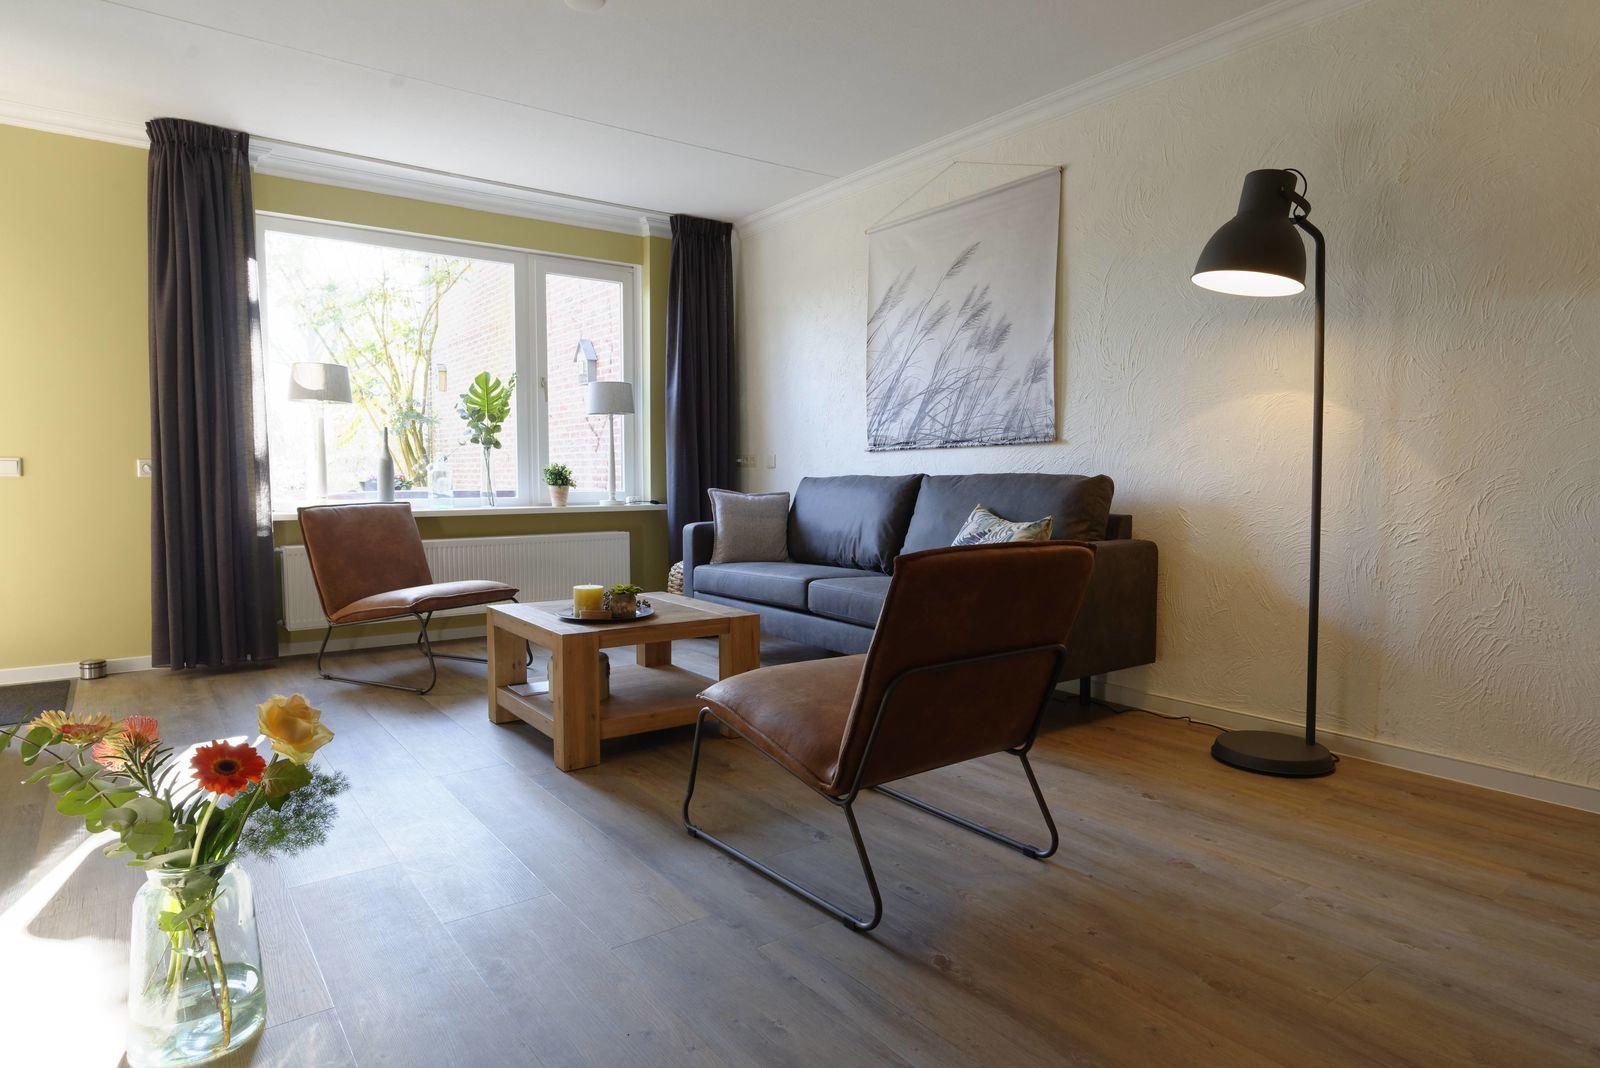 Appartement - Kievitenlaan 19 | Veere 'Veers Walzicht'